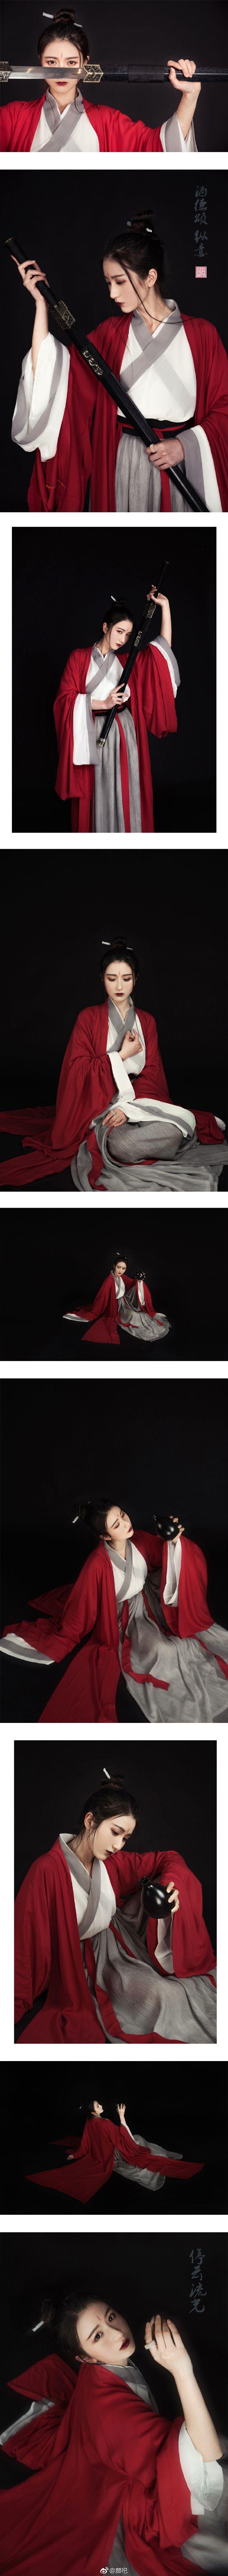 #停云流光汉服# 春秋款魏晋系列汉服成衣发... 来自颜祀 - 微博